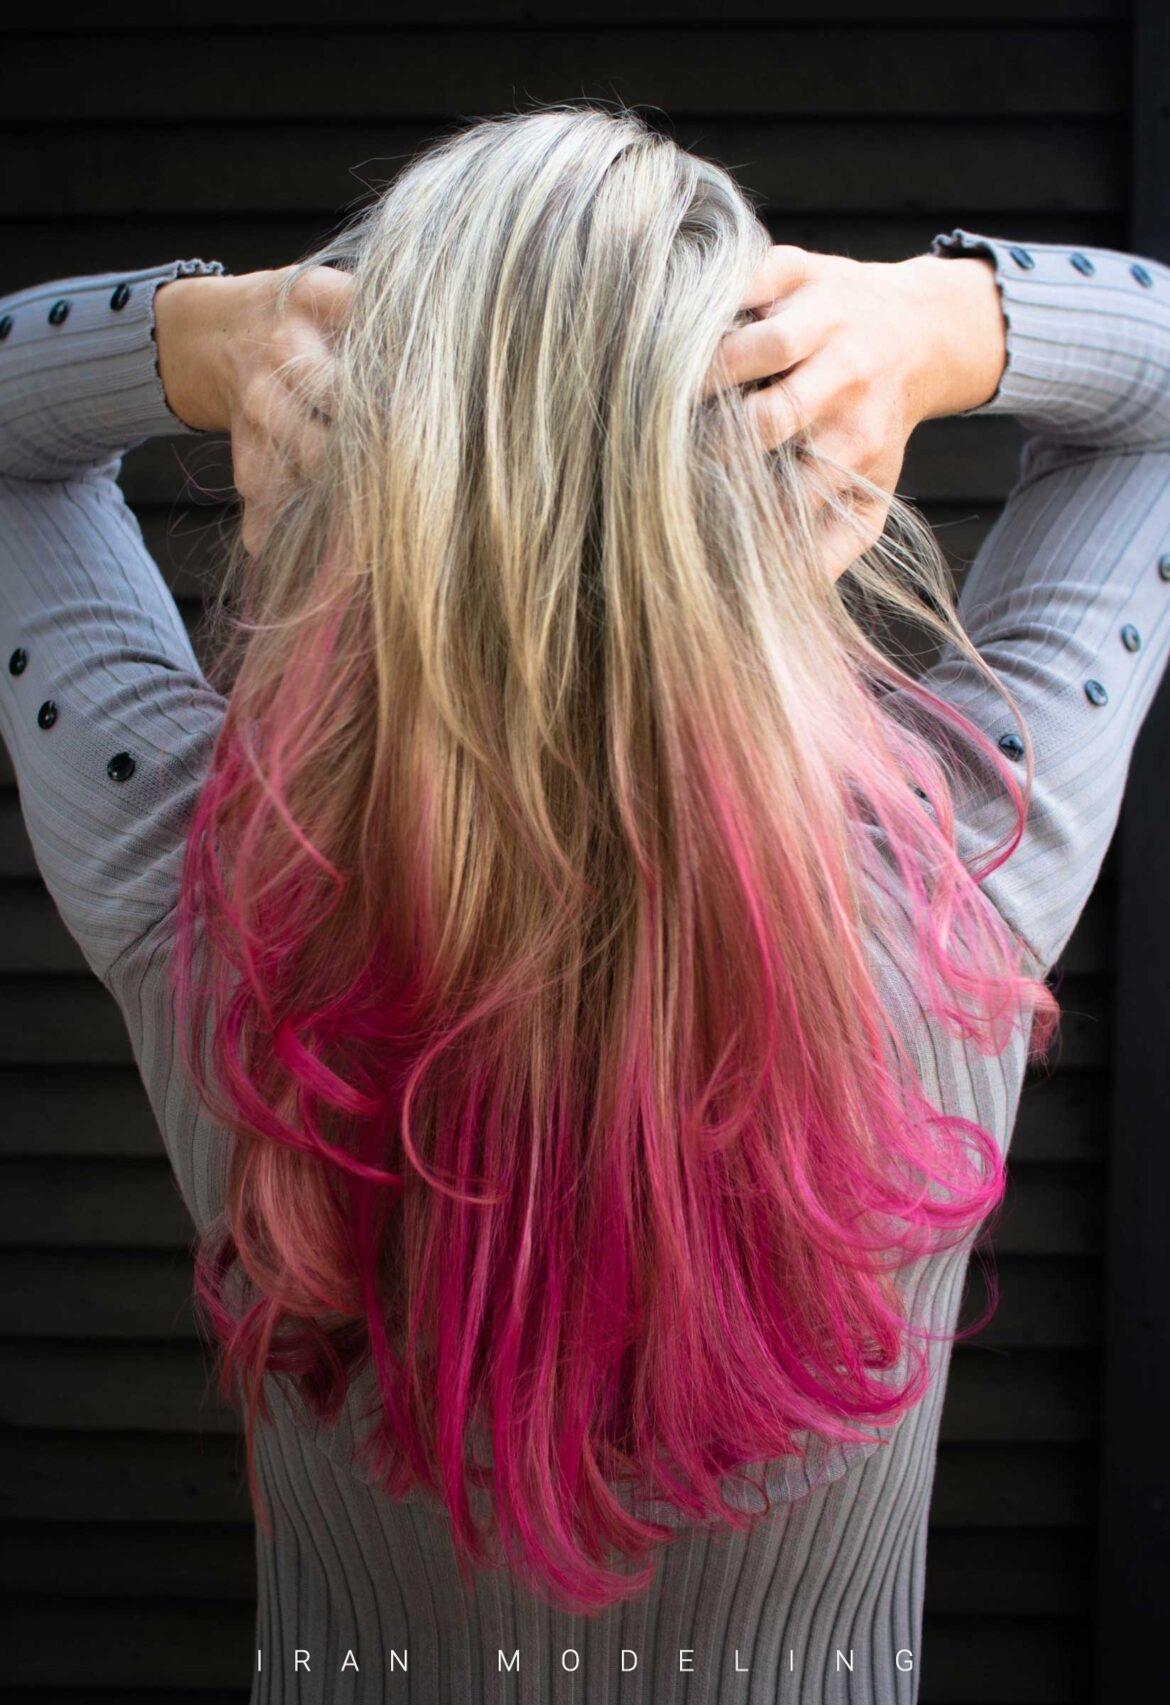 با تمام مراحل رنگ مو آشنا شوید و در خانه موهای خود را رنگ کنید